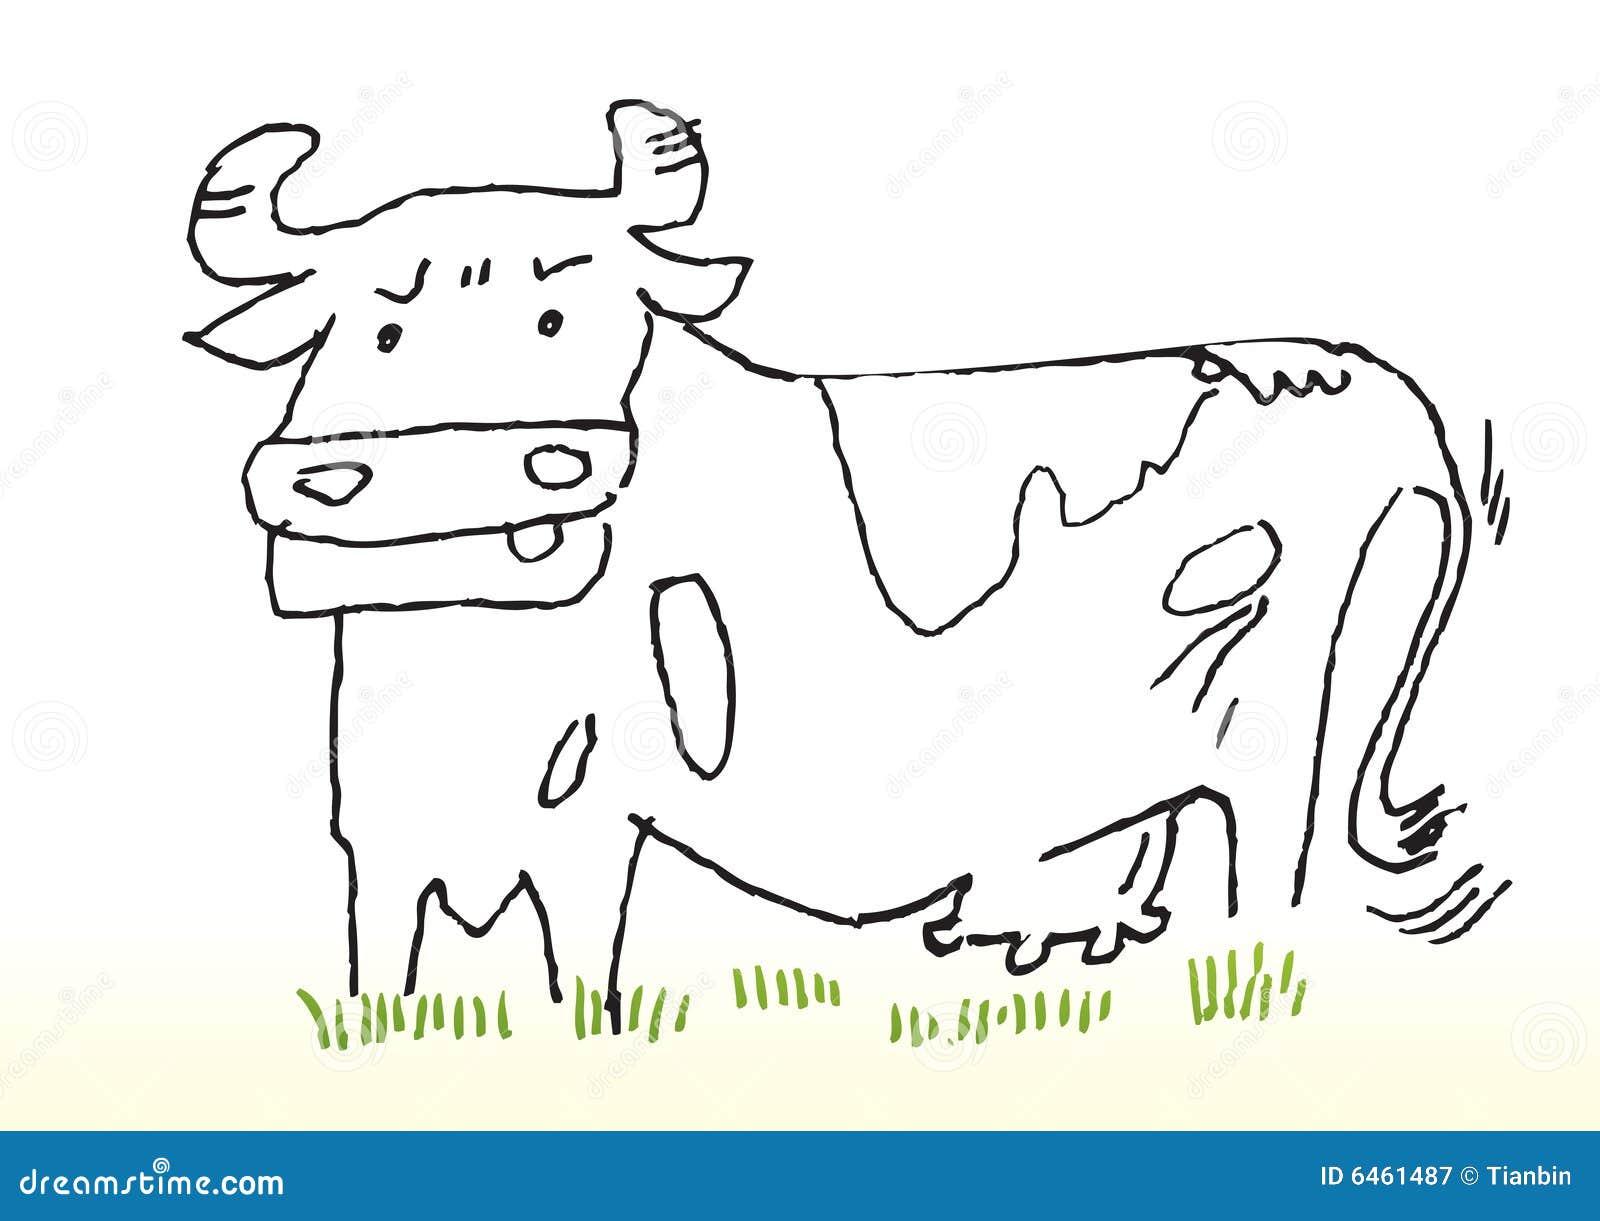 Cartoon Sketch of Cow